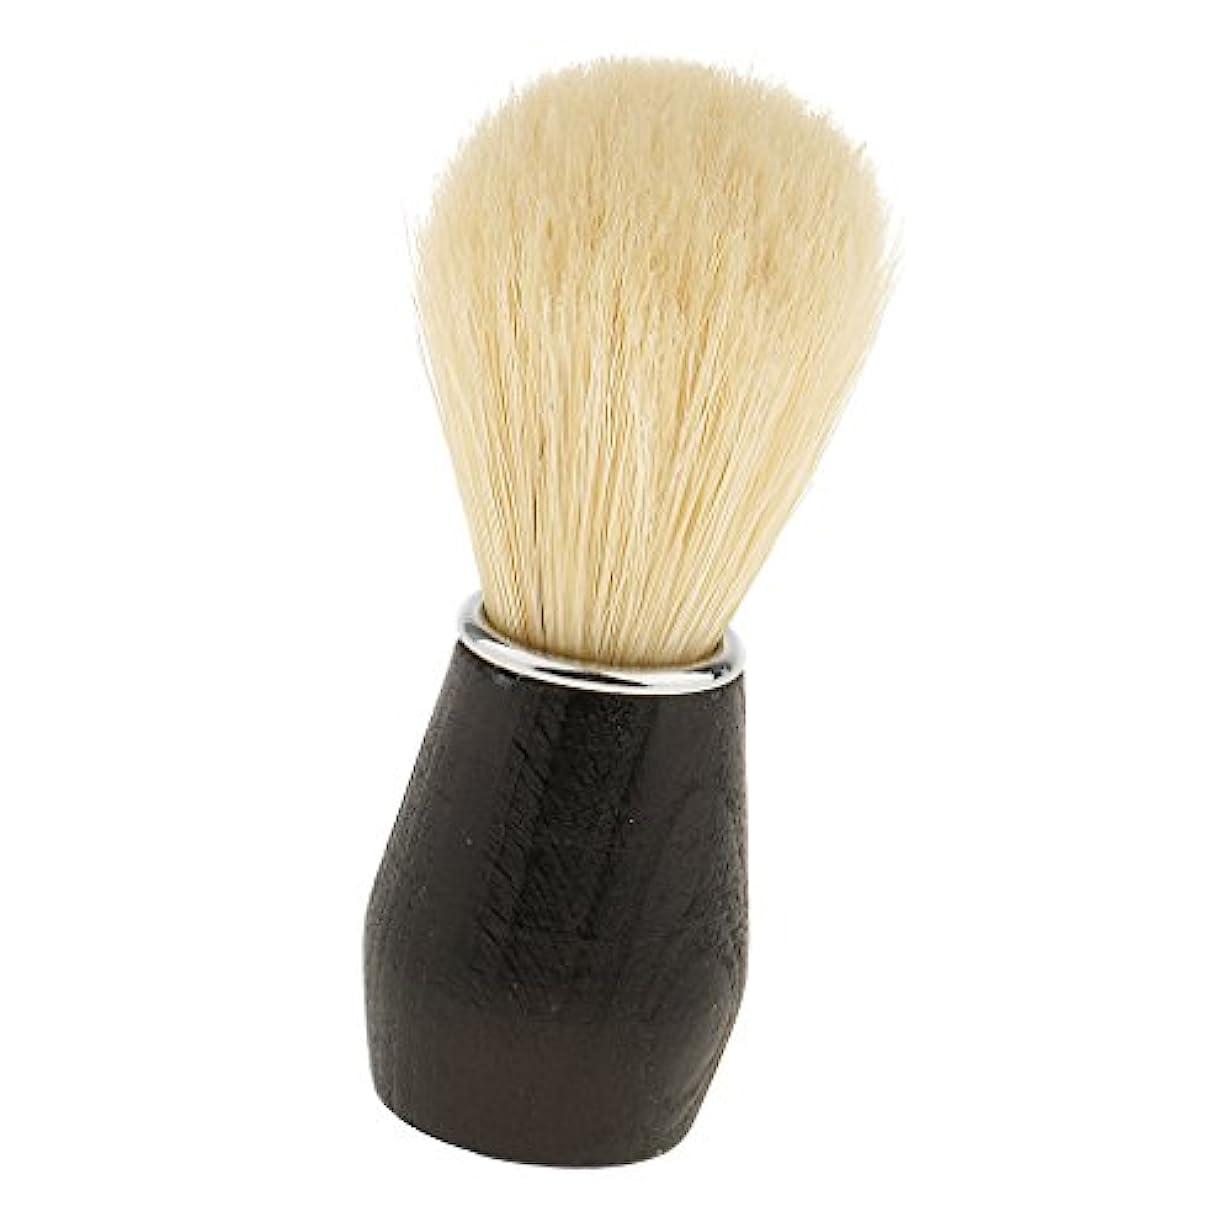 満了真似るエコーsharprepublic シェービングブラシ ヘアシェービングブラシ 毛髭ブラシ 髭剃り 泡立ち メンズ ソフト 父のギフト